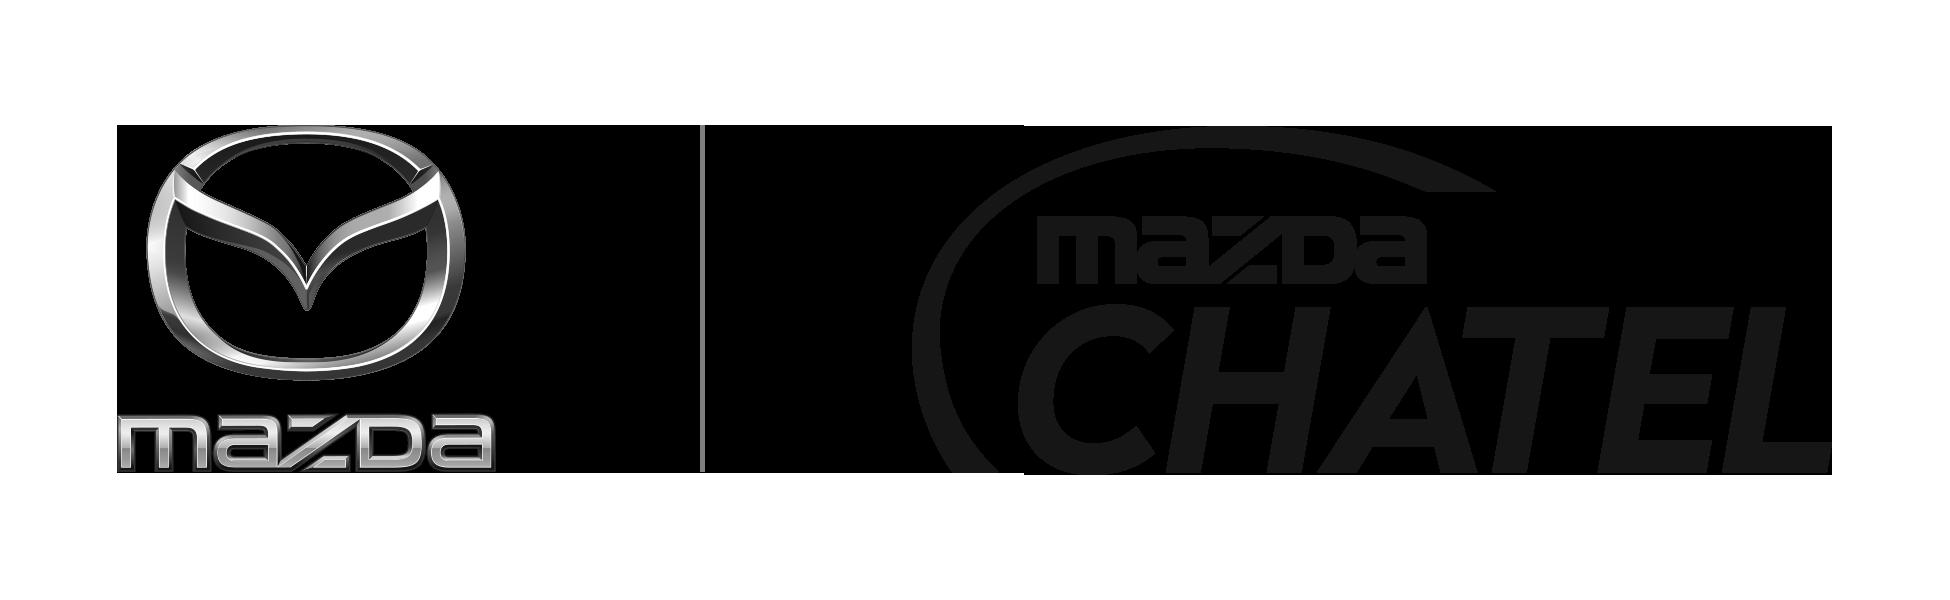 MazdaChatel_Logo_2019_Noir